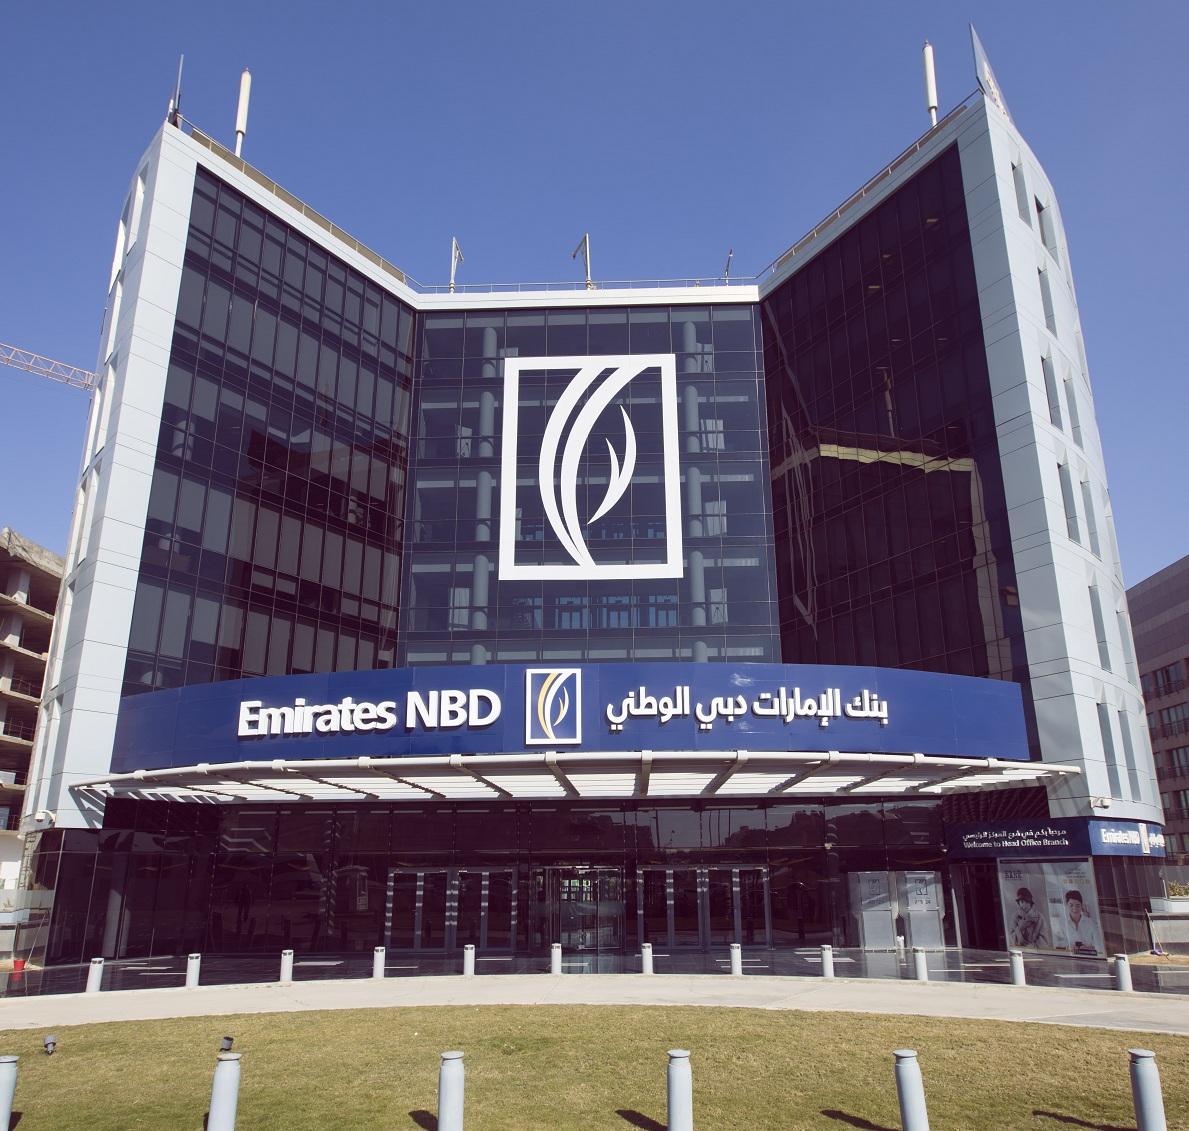 بانک اماراتی حساب بانکی ایرانیها را بست